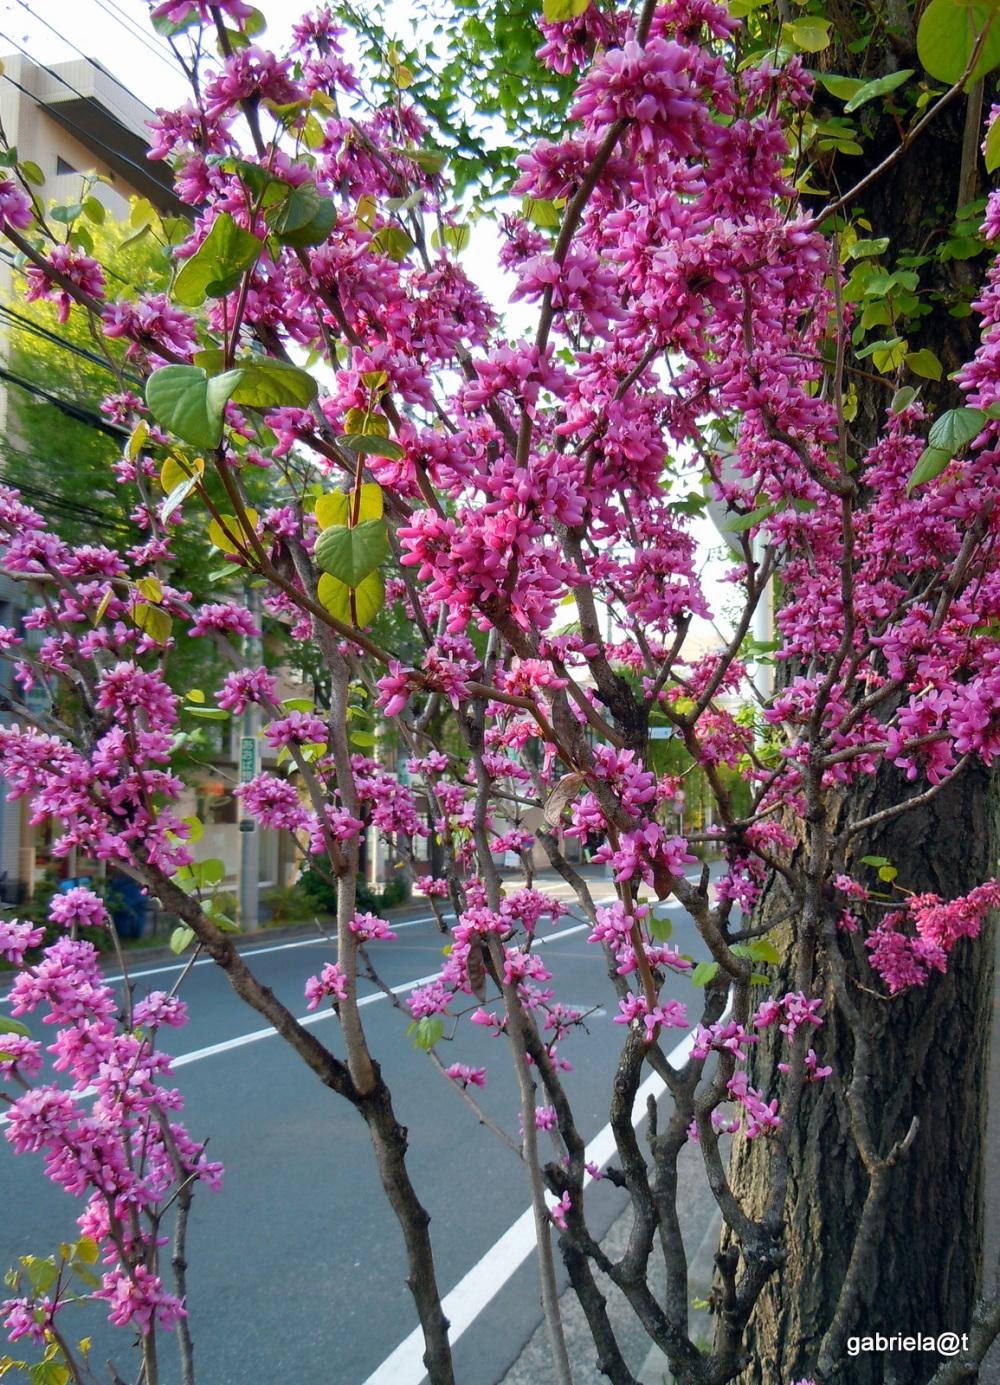 Street in spring